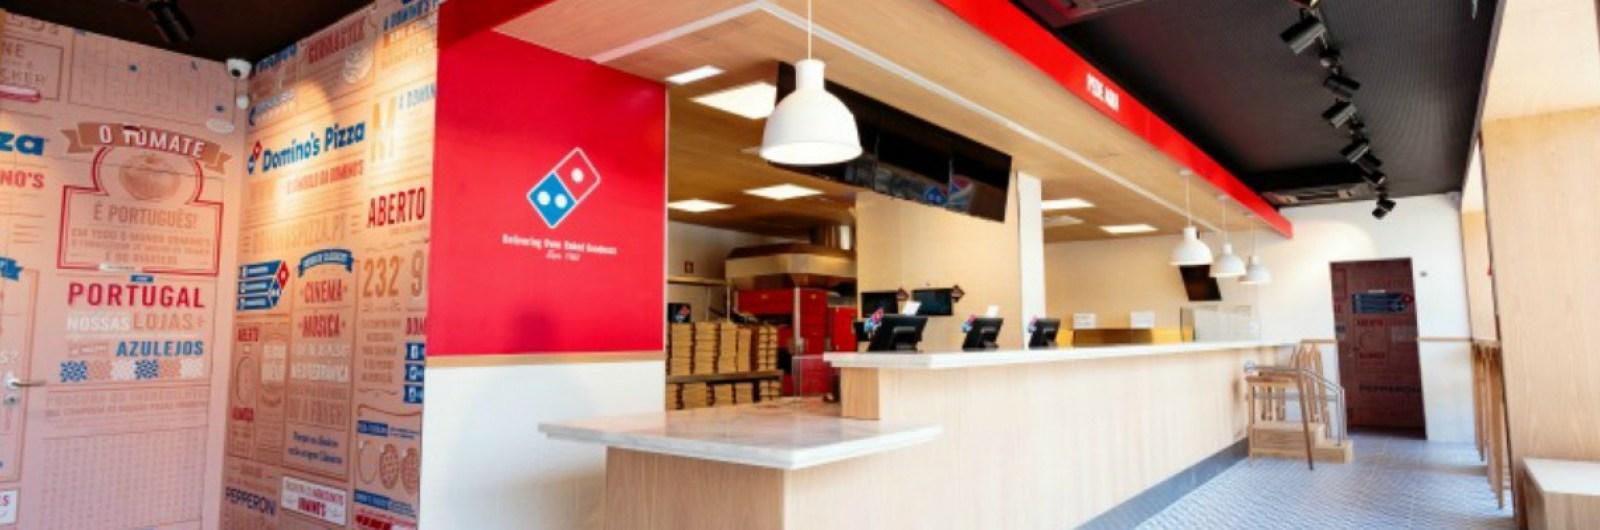 Domino's Pizza soma oito unidades em Portugal